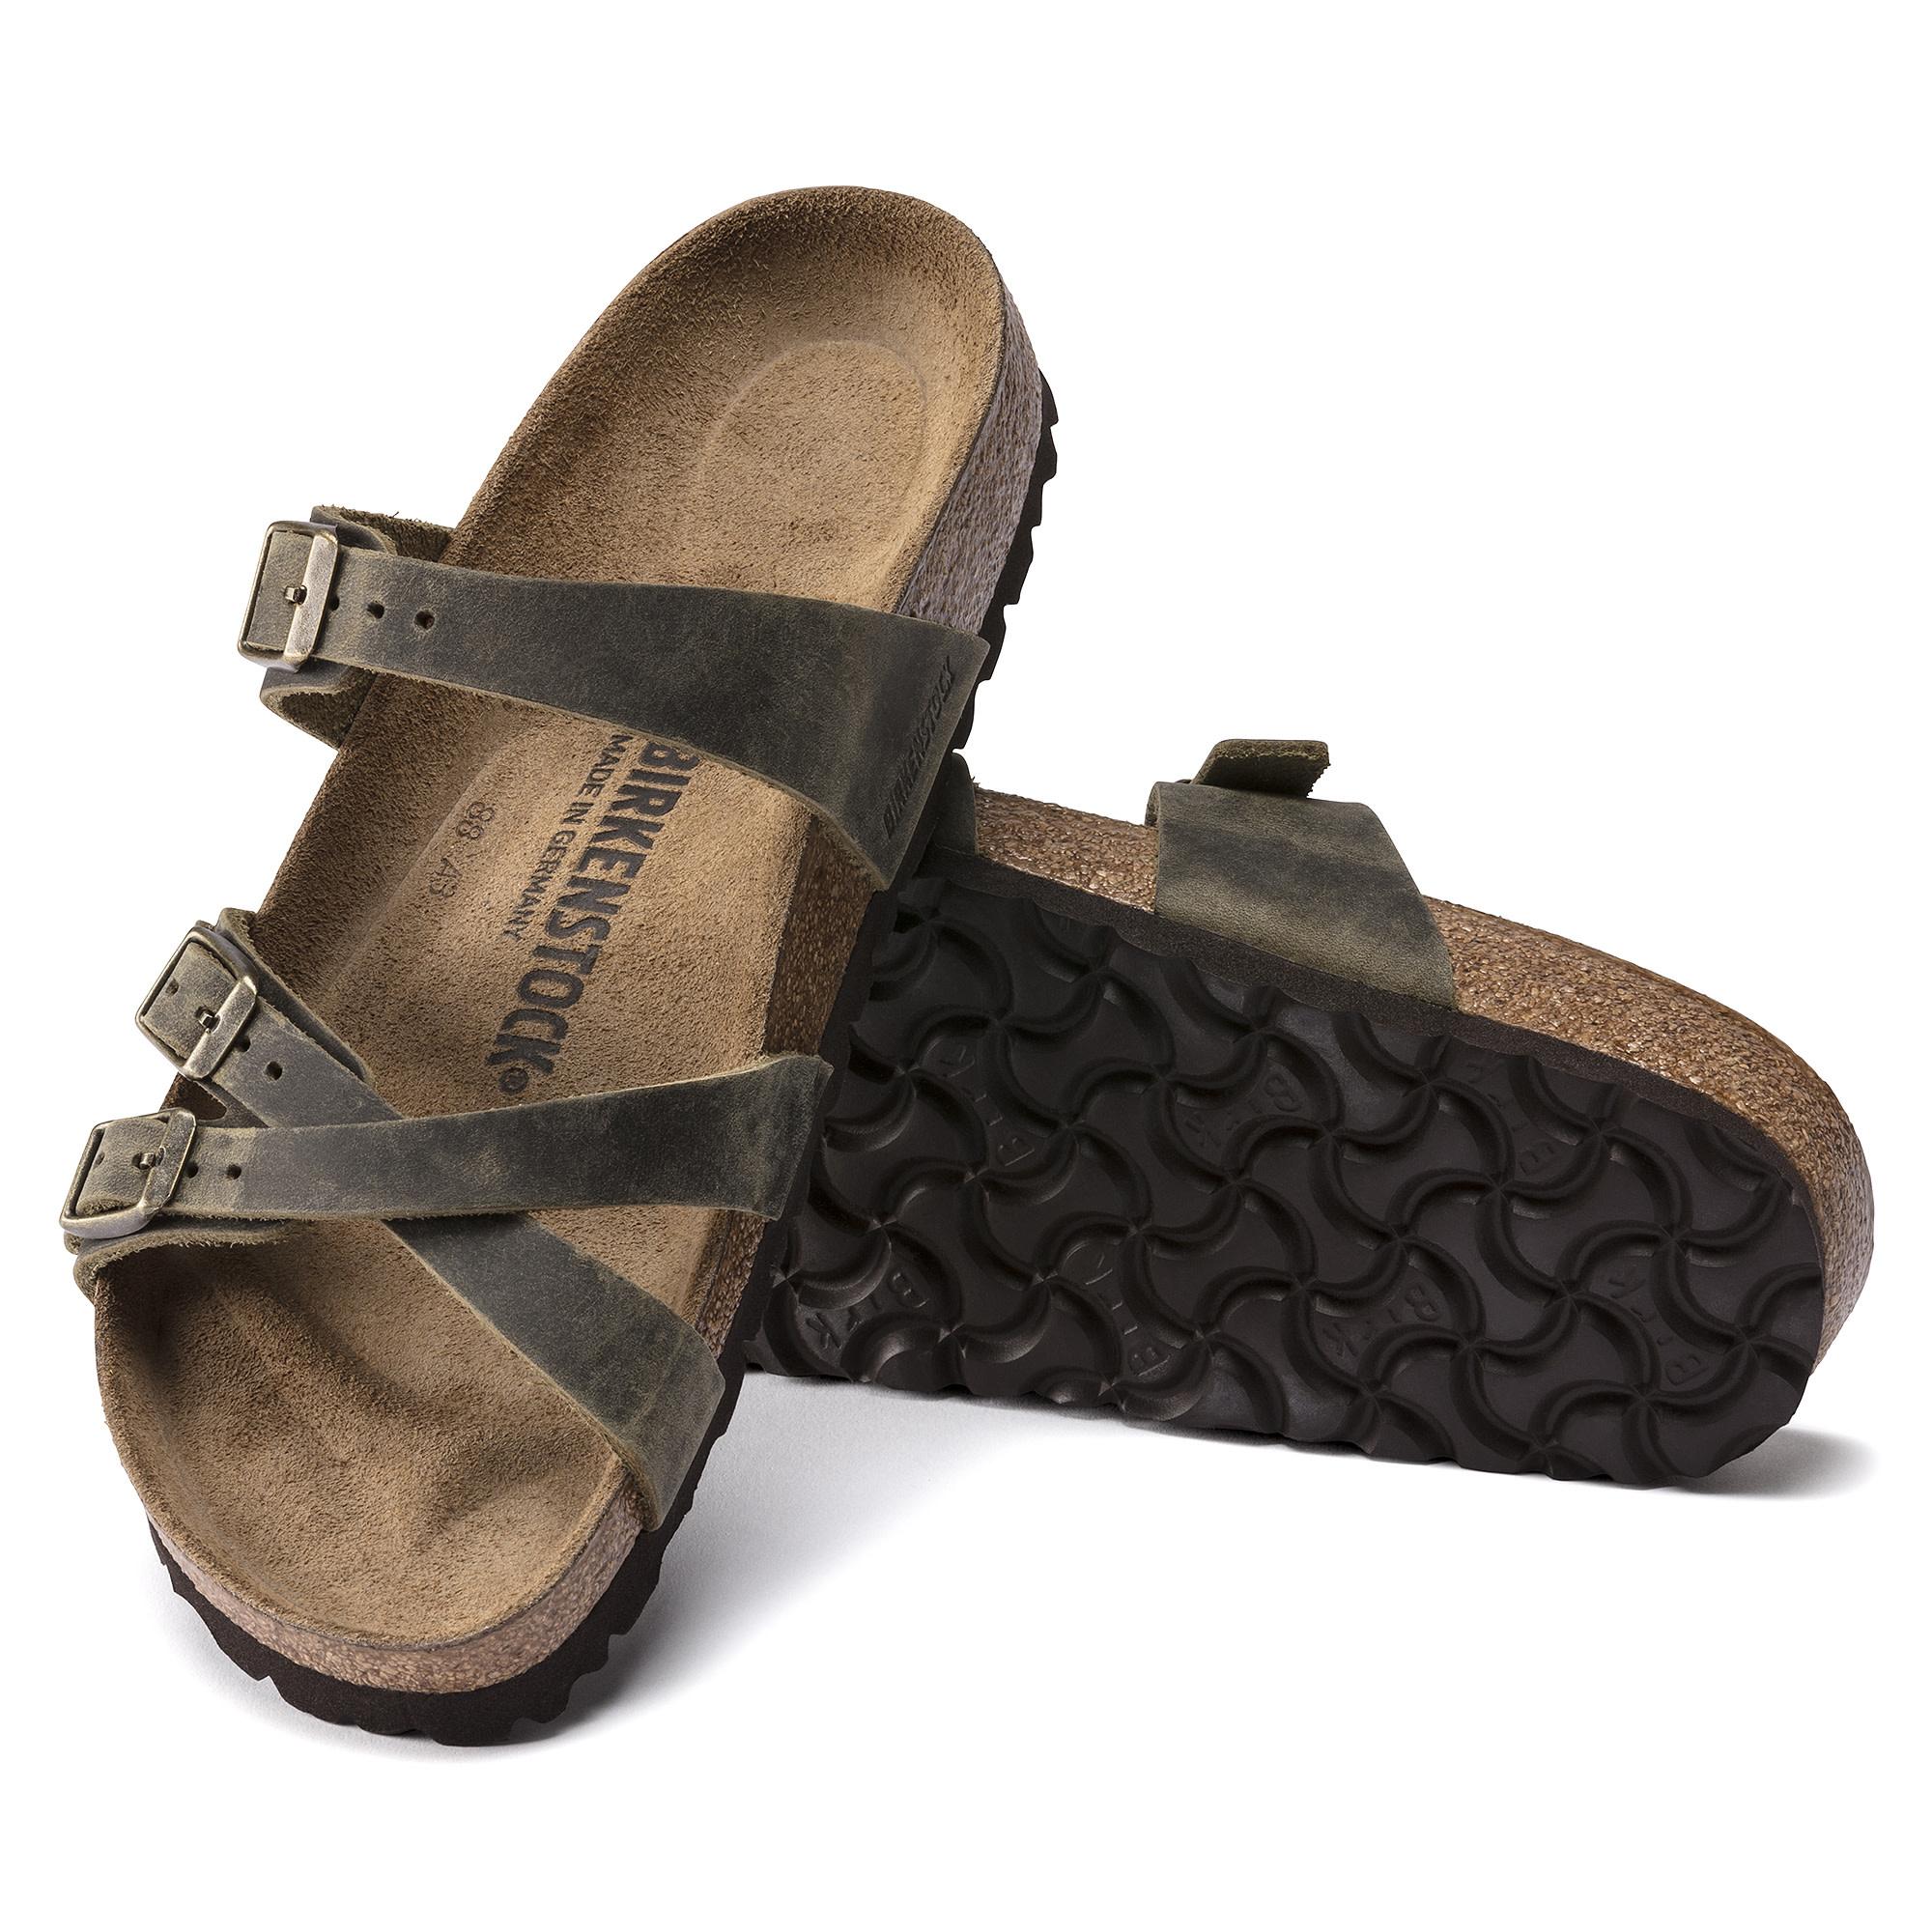 Birkenstock Birkenstock Franca Oiled Leather (Women - Narrow) - Jade